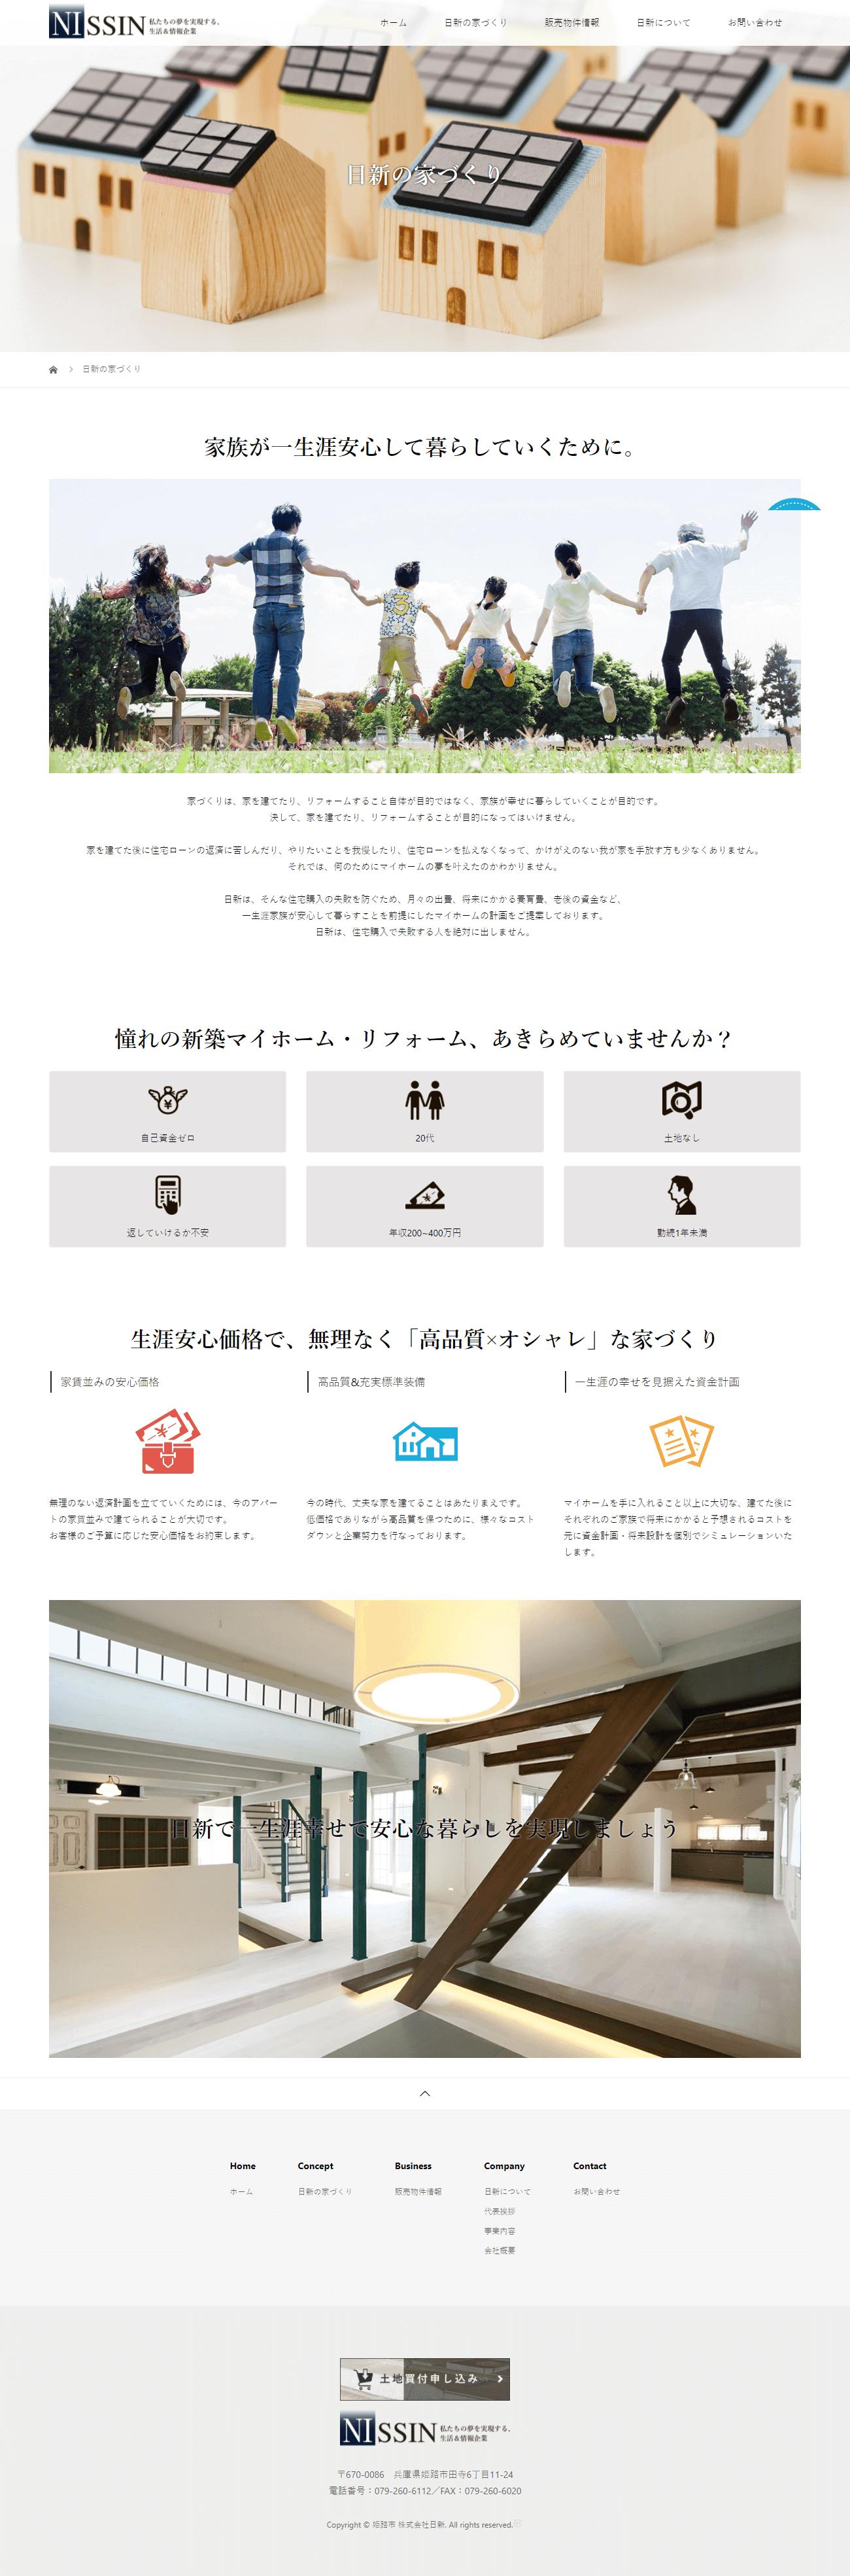 姫路市 株式会社日新 ホームページ制作2